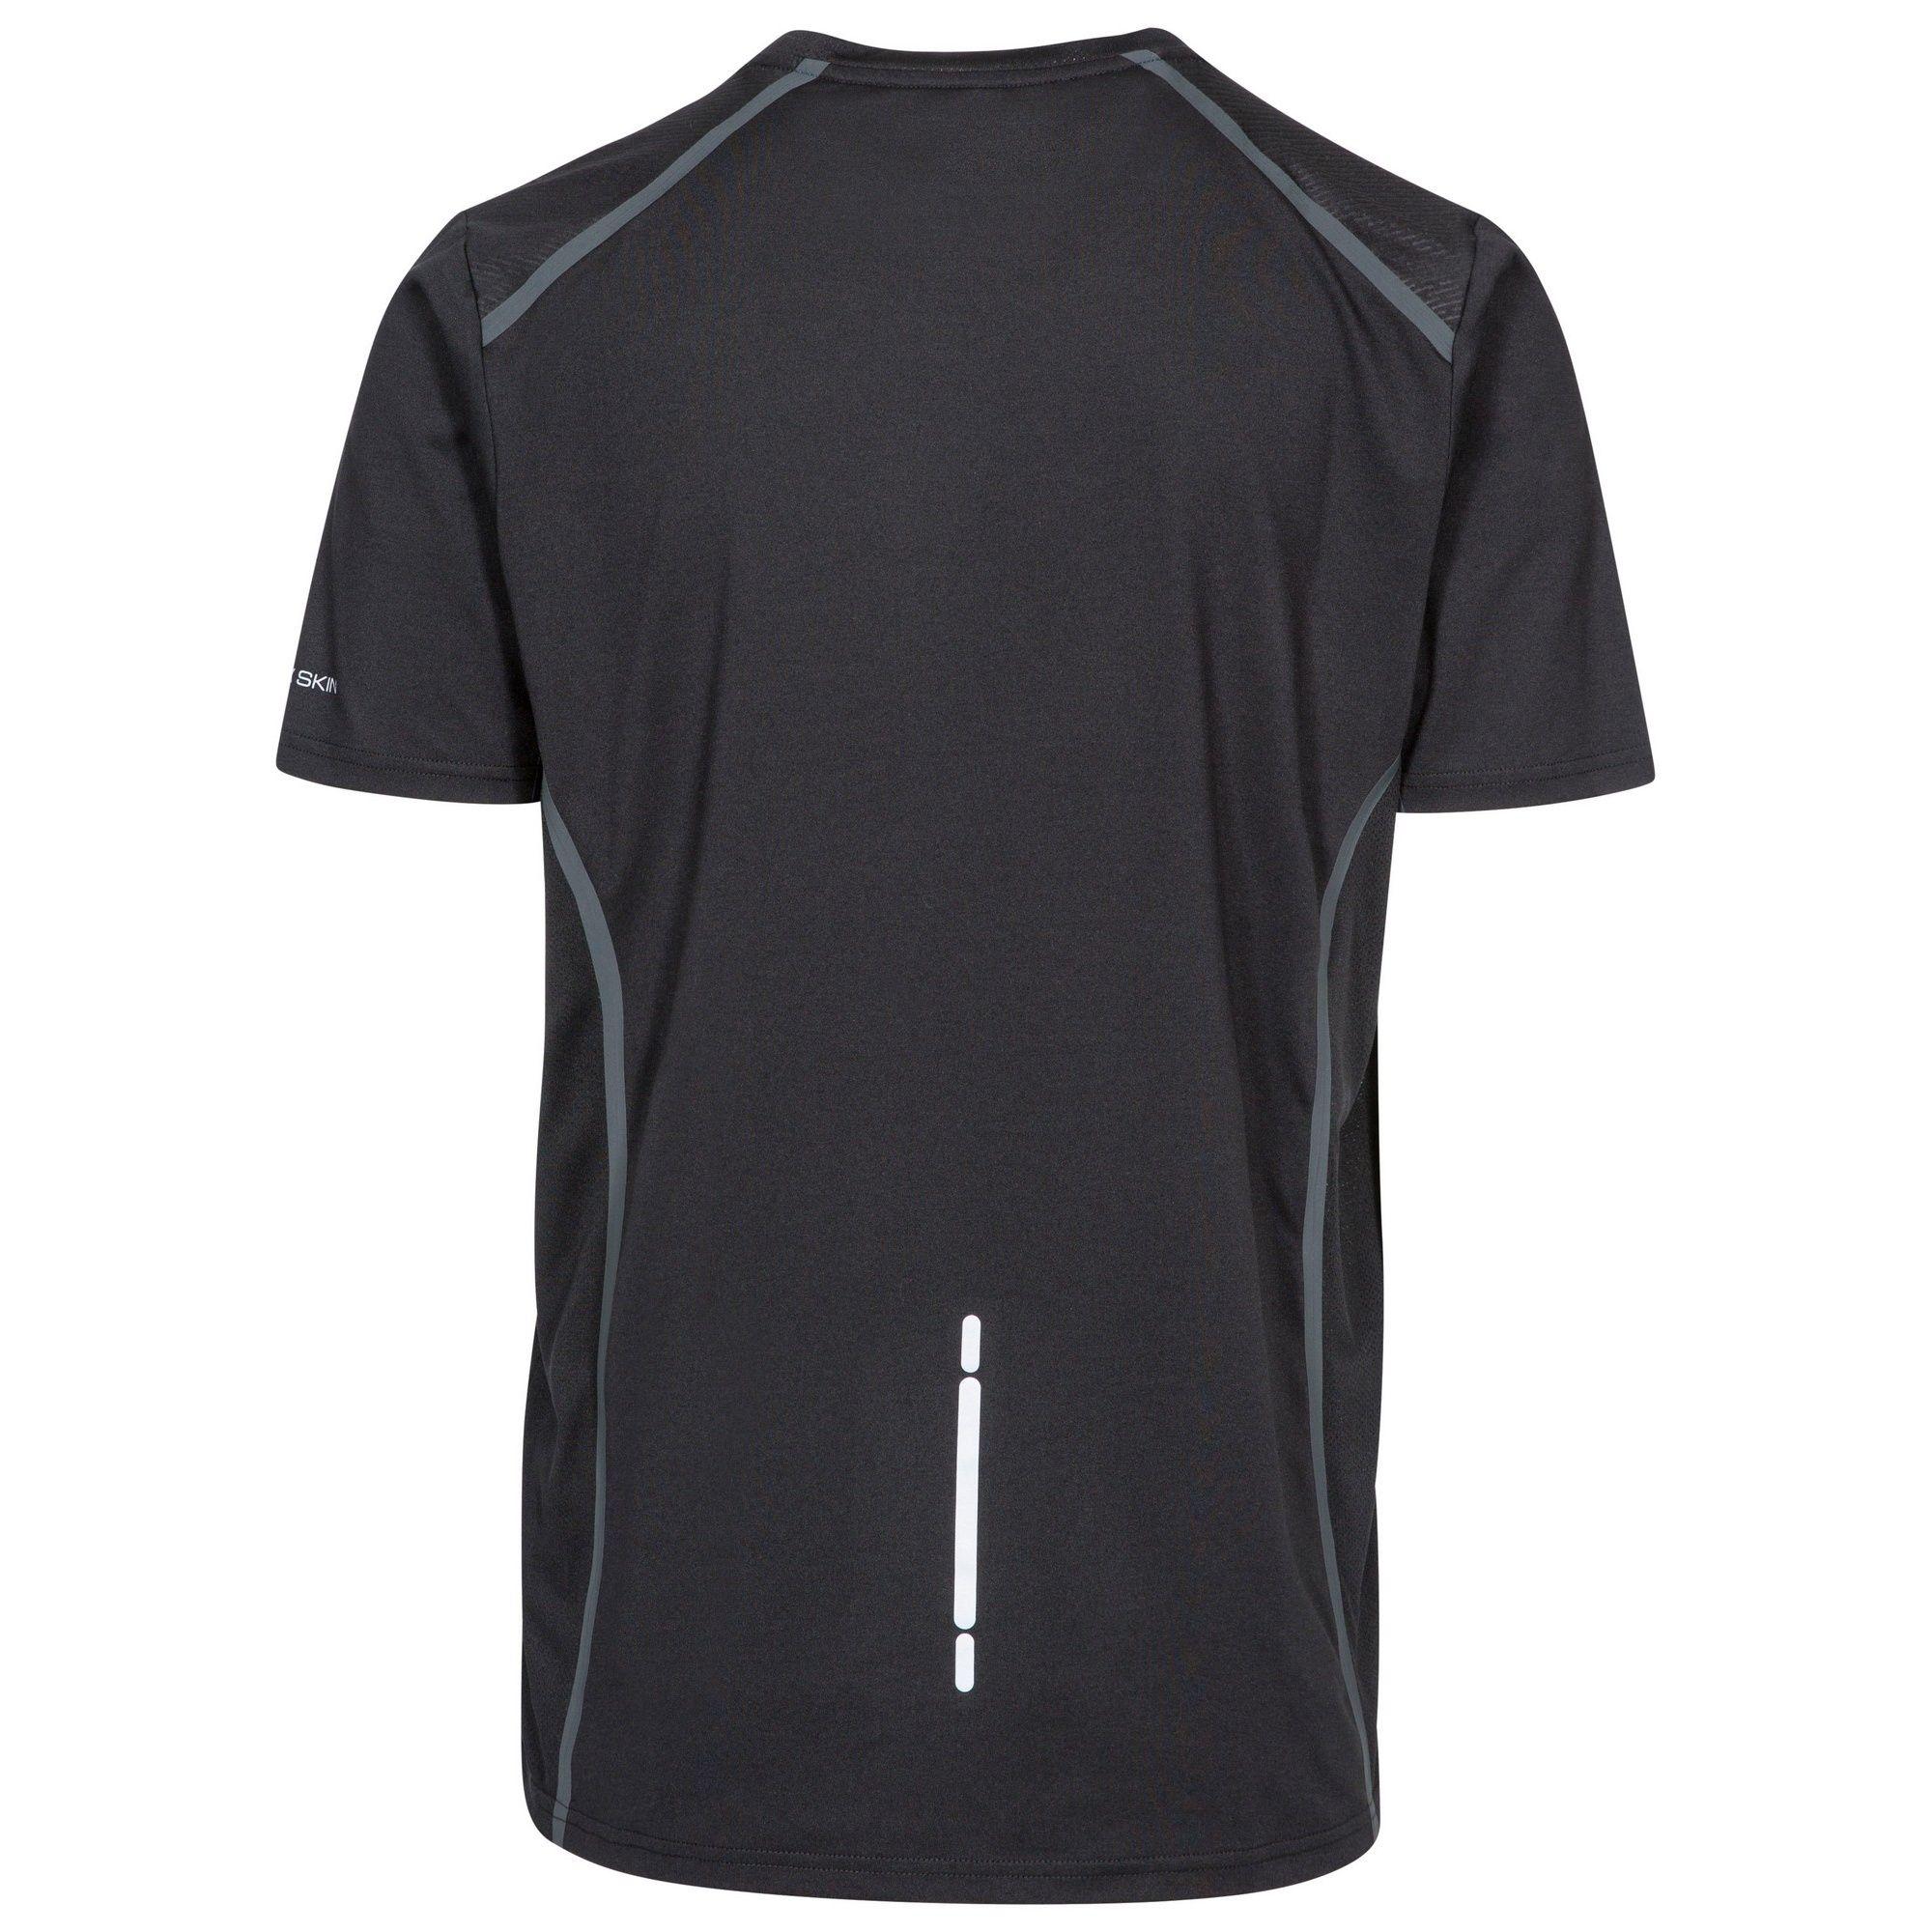 Trespass Mens Menzie Short Sleeve Active T-Shirt